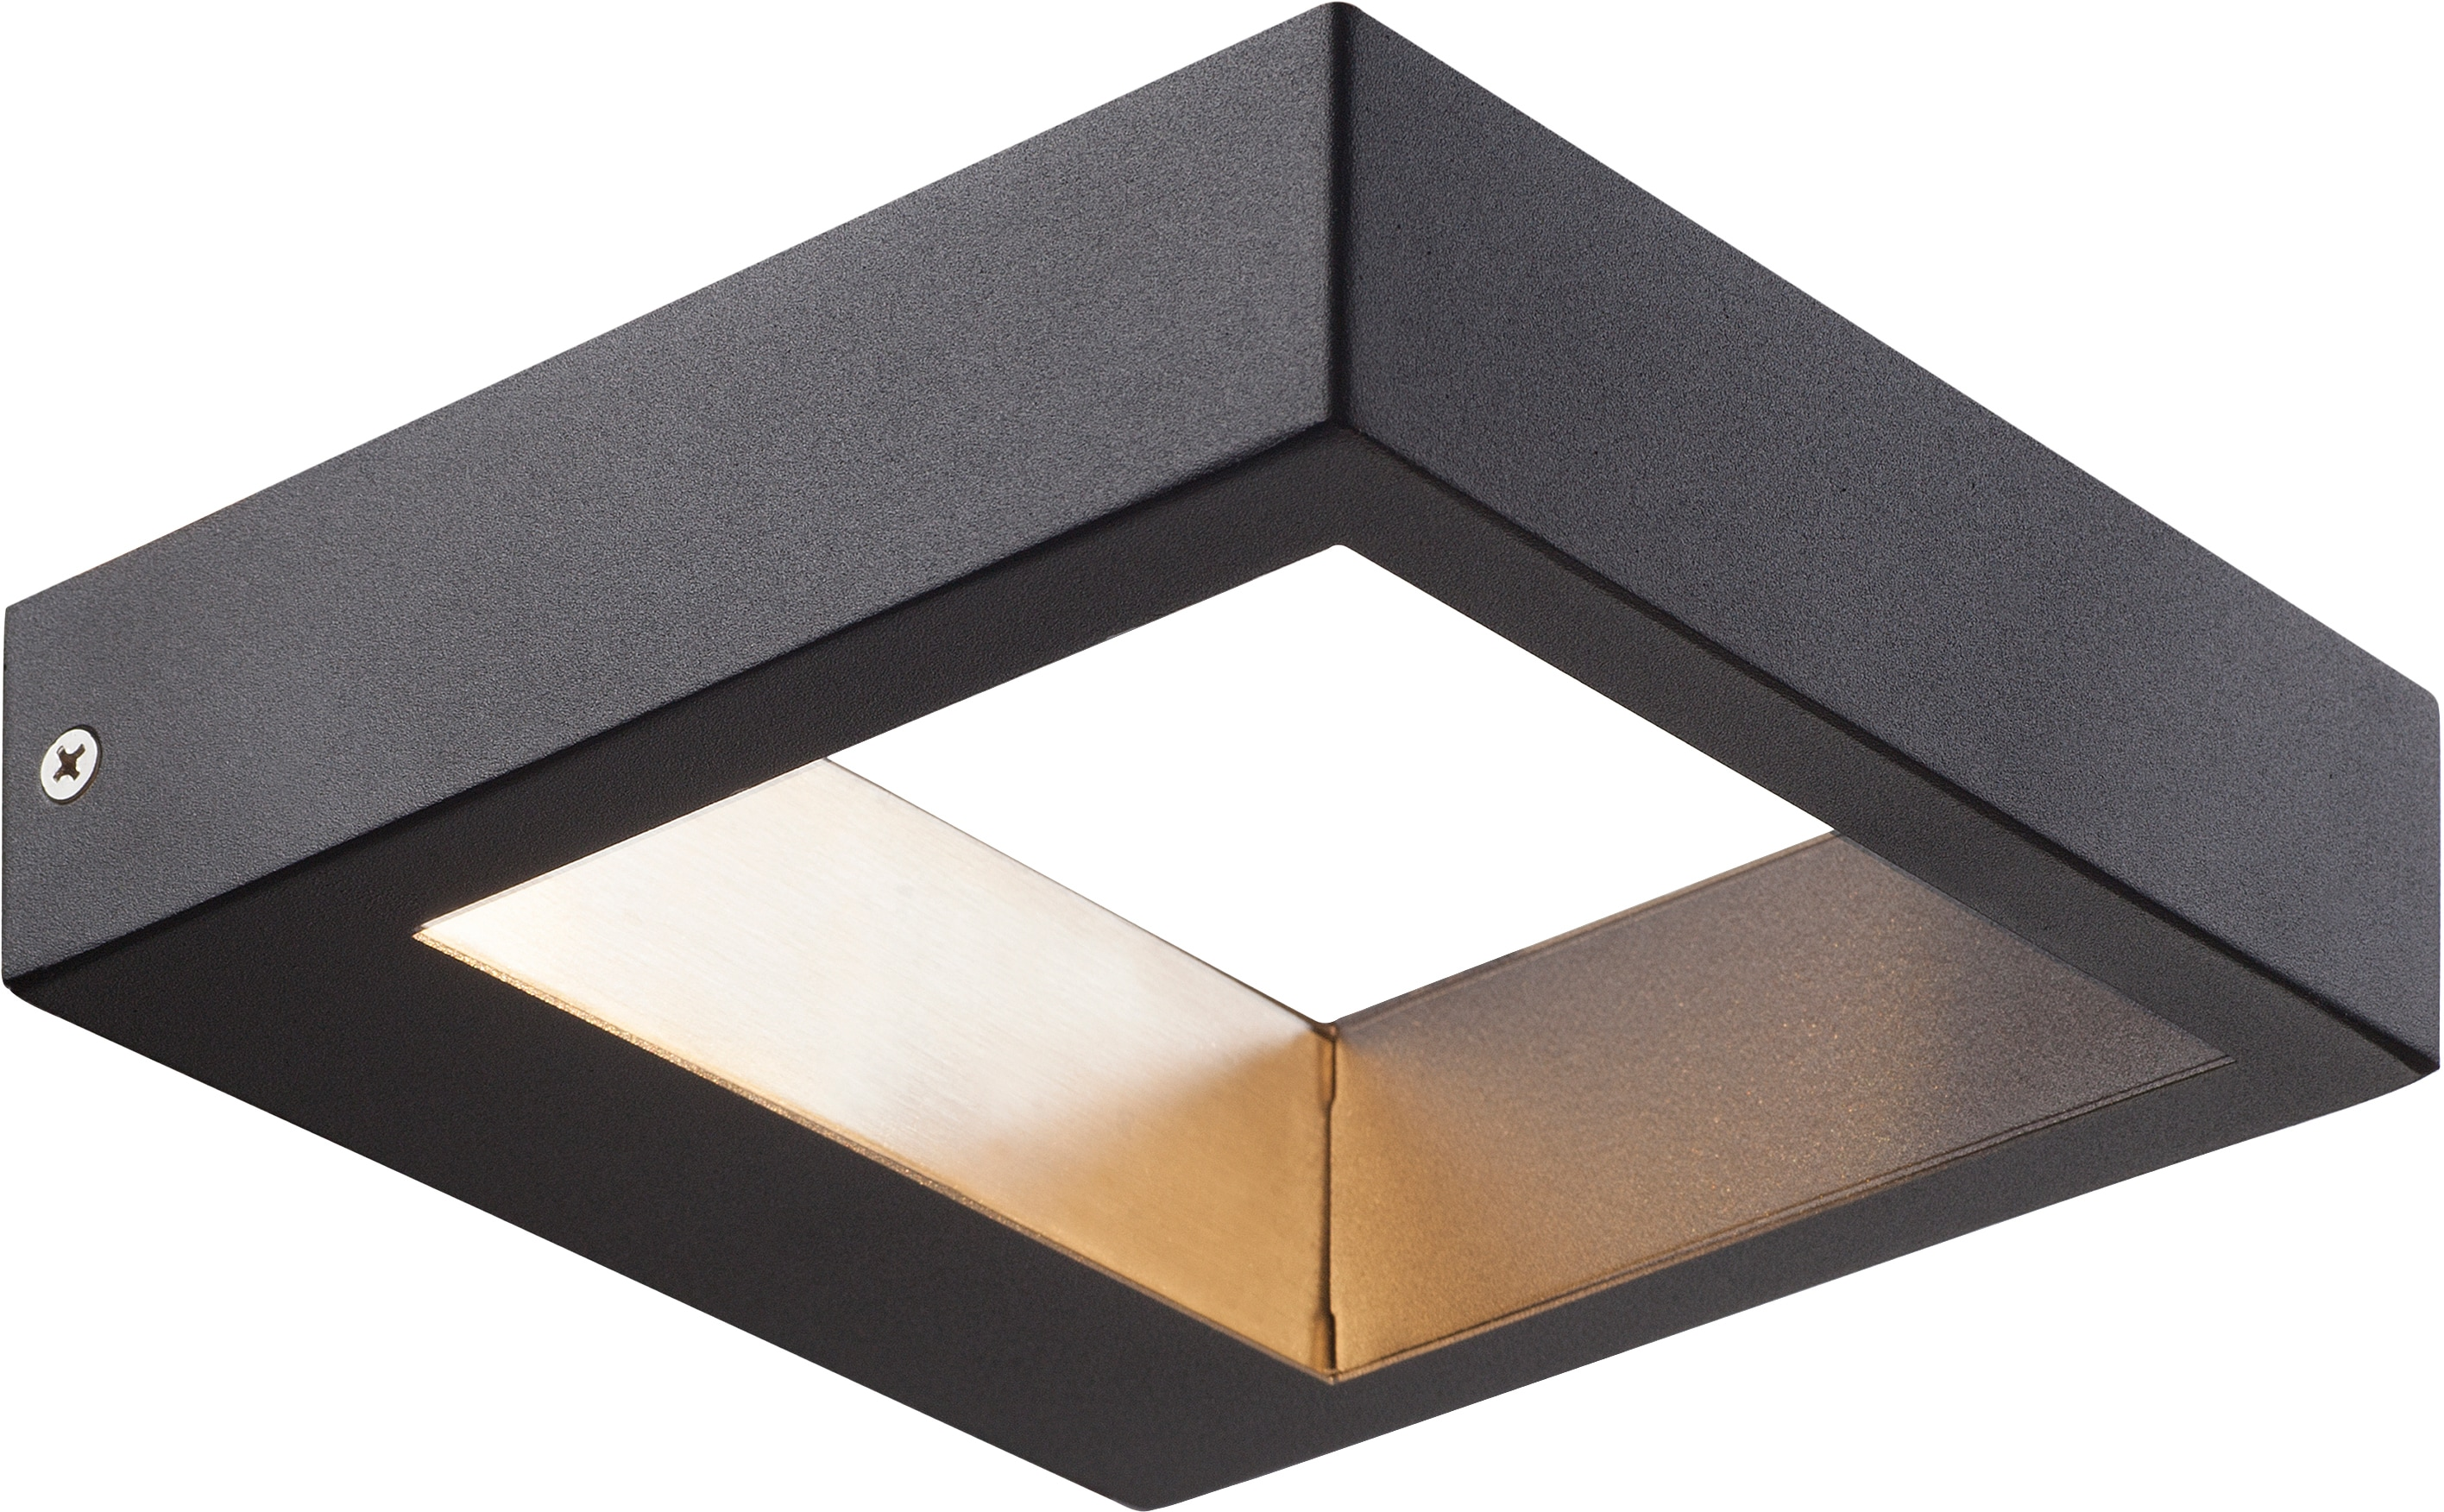 Nordlux LED Außen-Wandleuchte Avon, LED-Board, Warmweiß